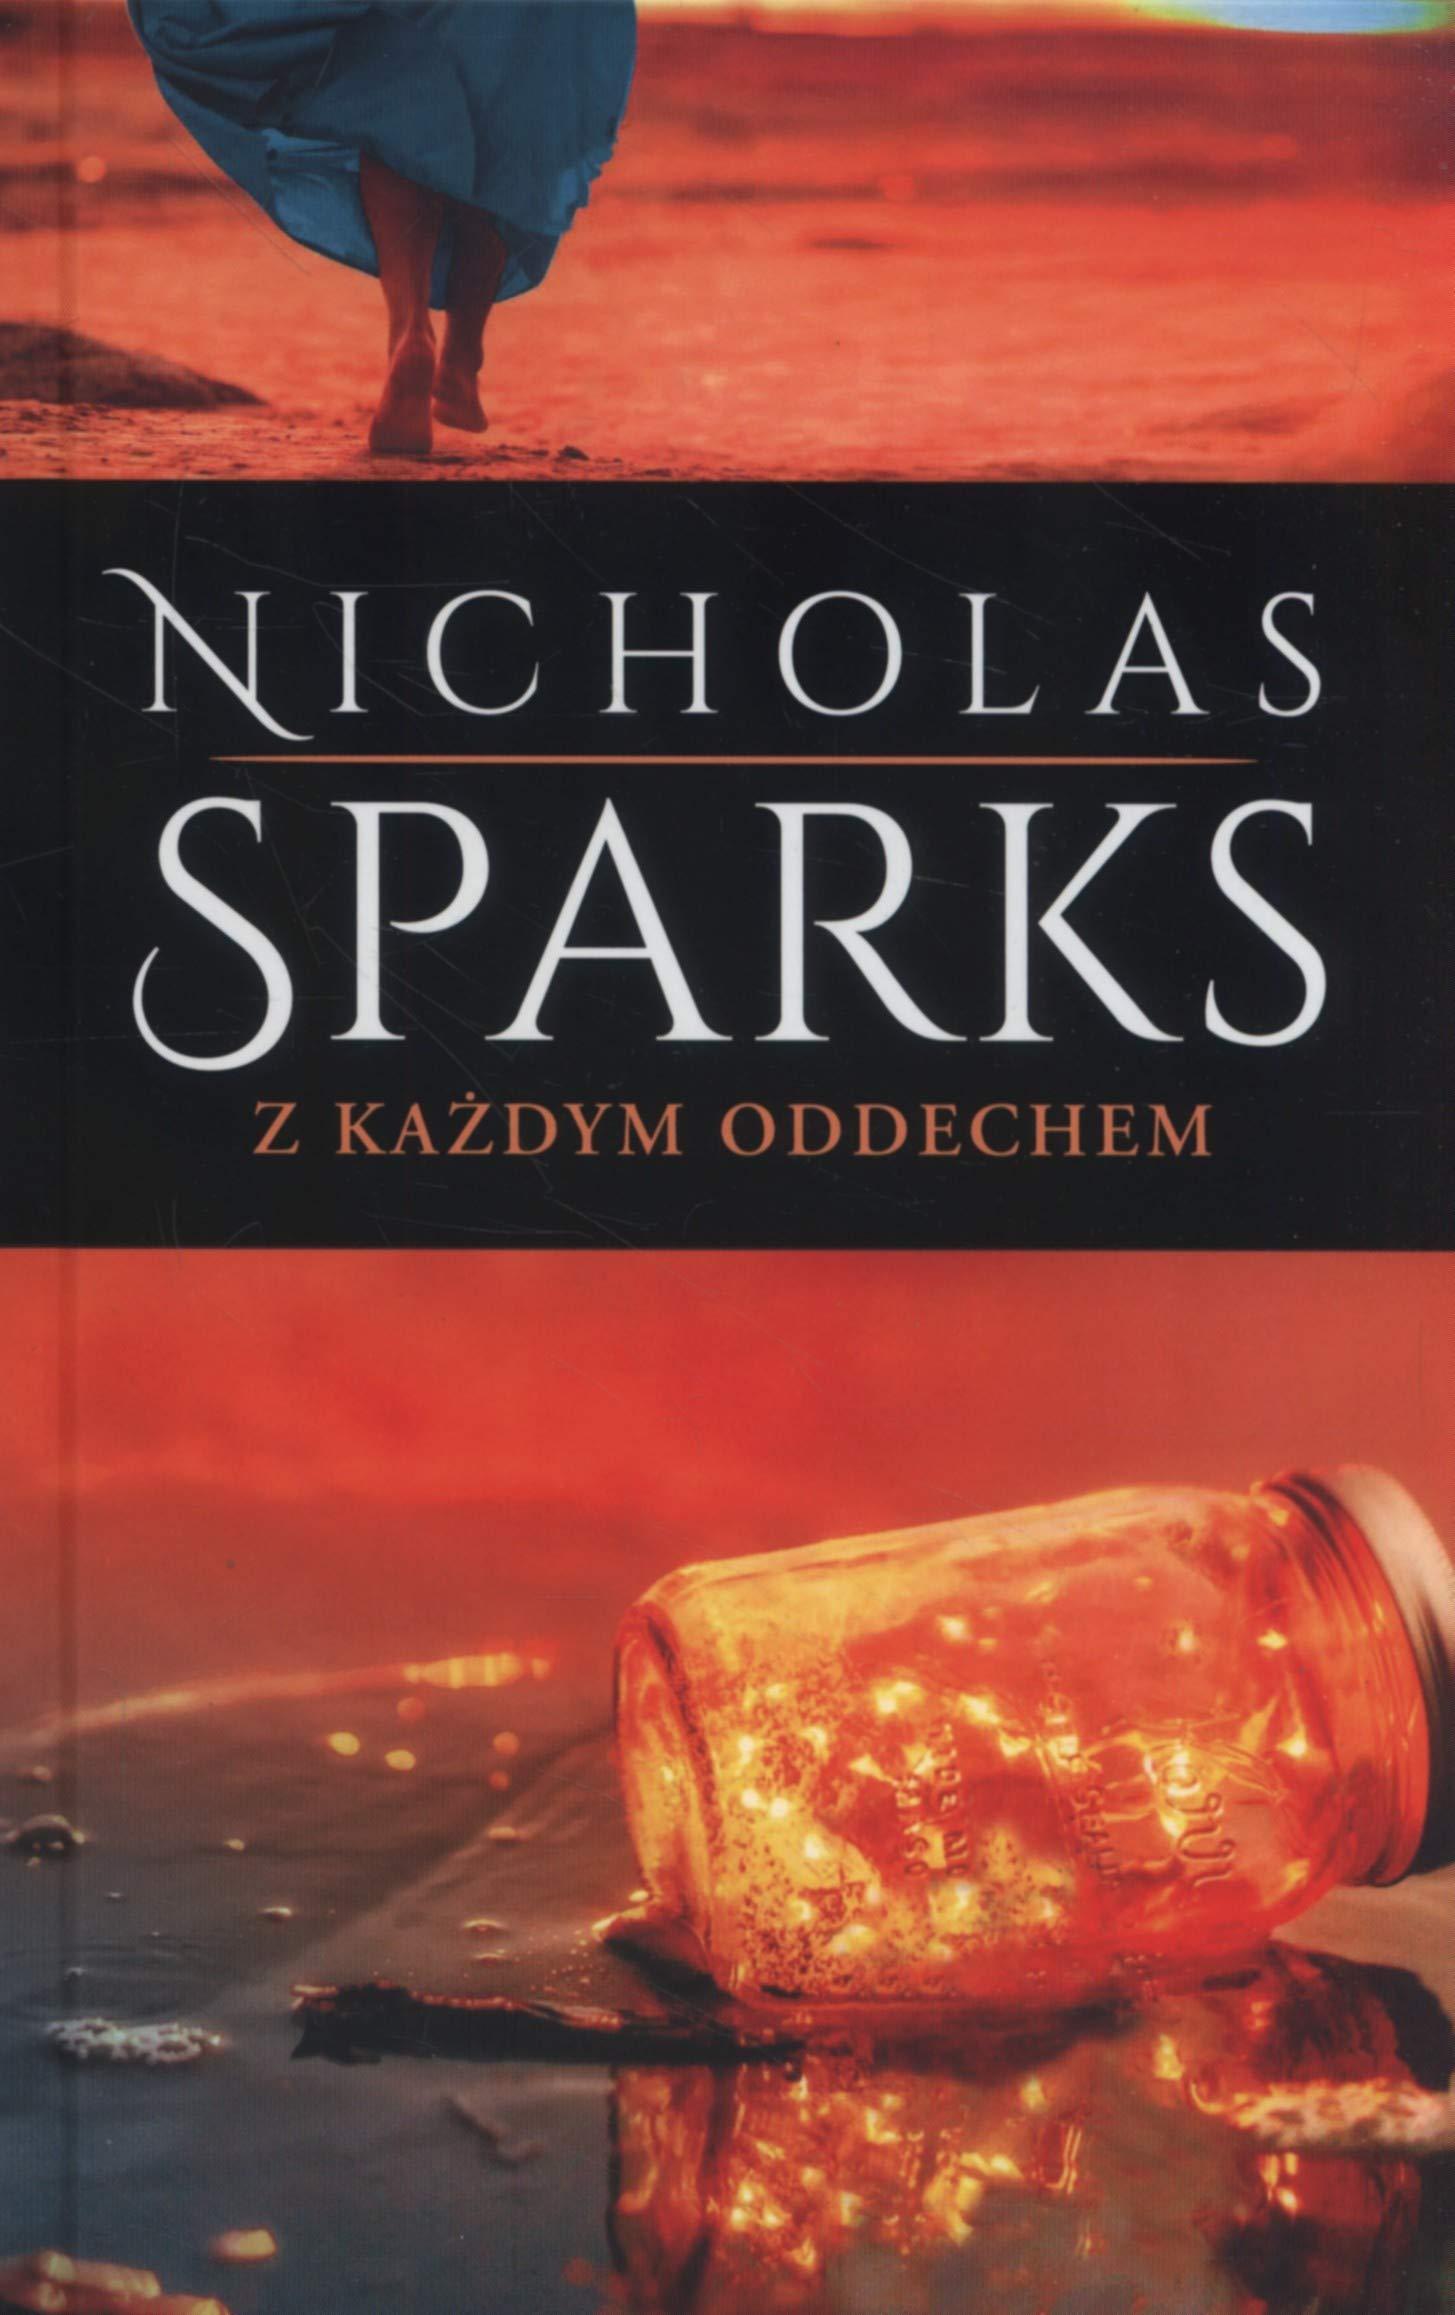 Z kazdym oddechem (Polish Edition)